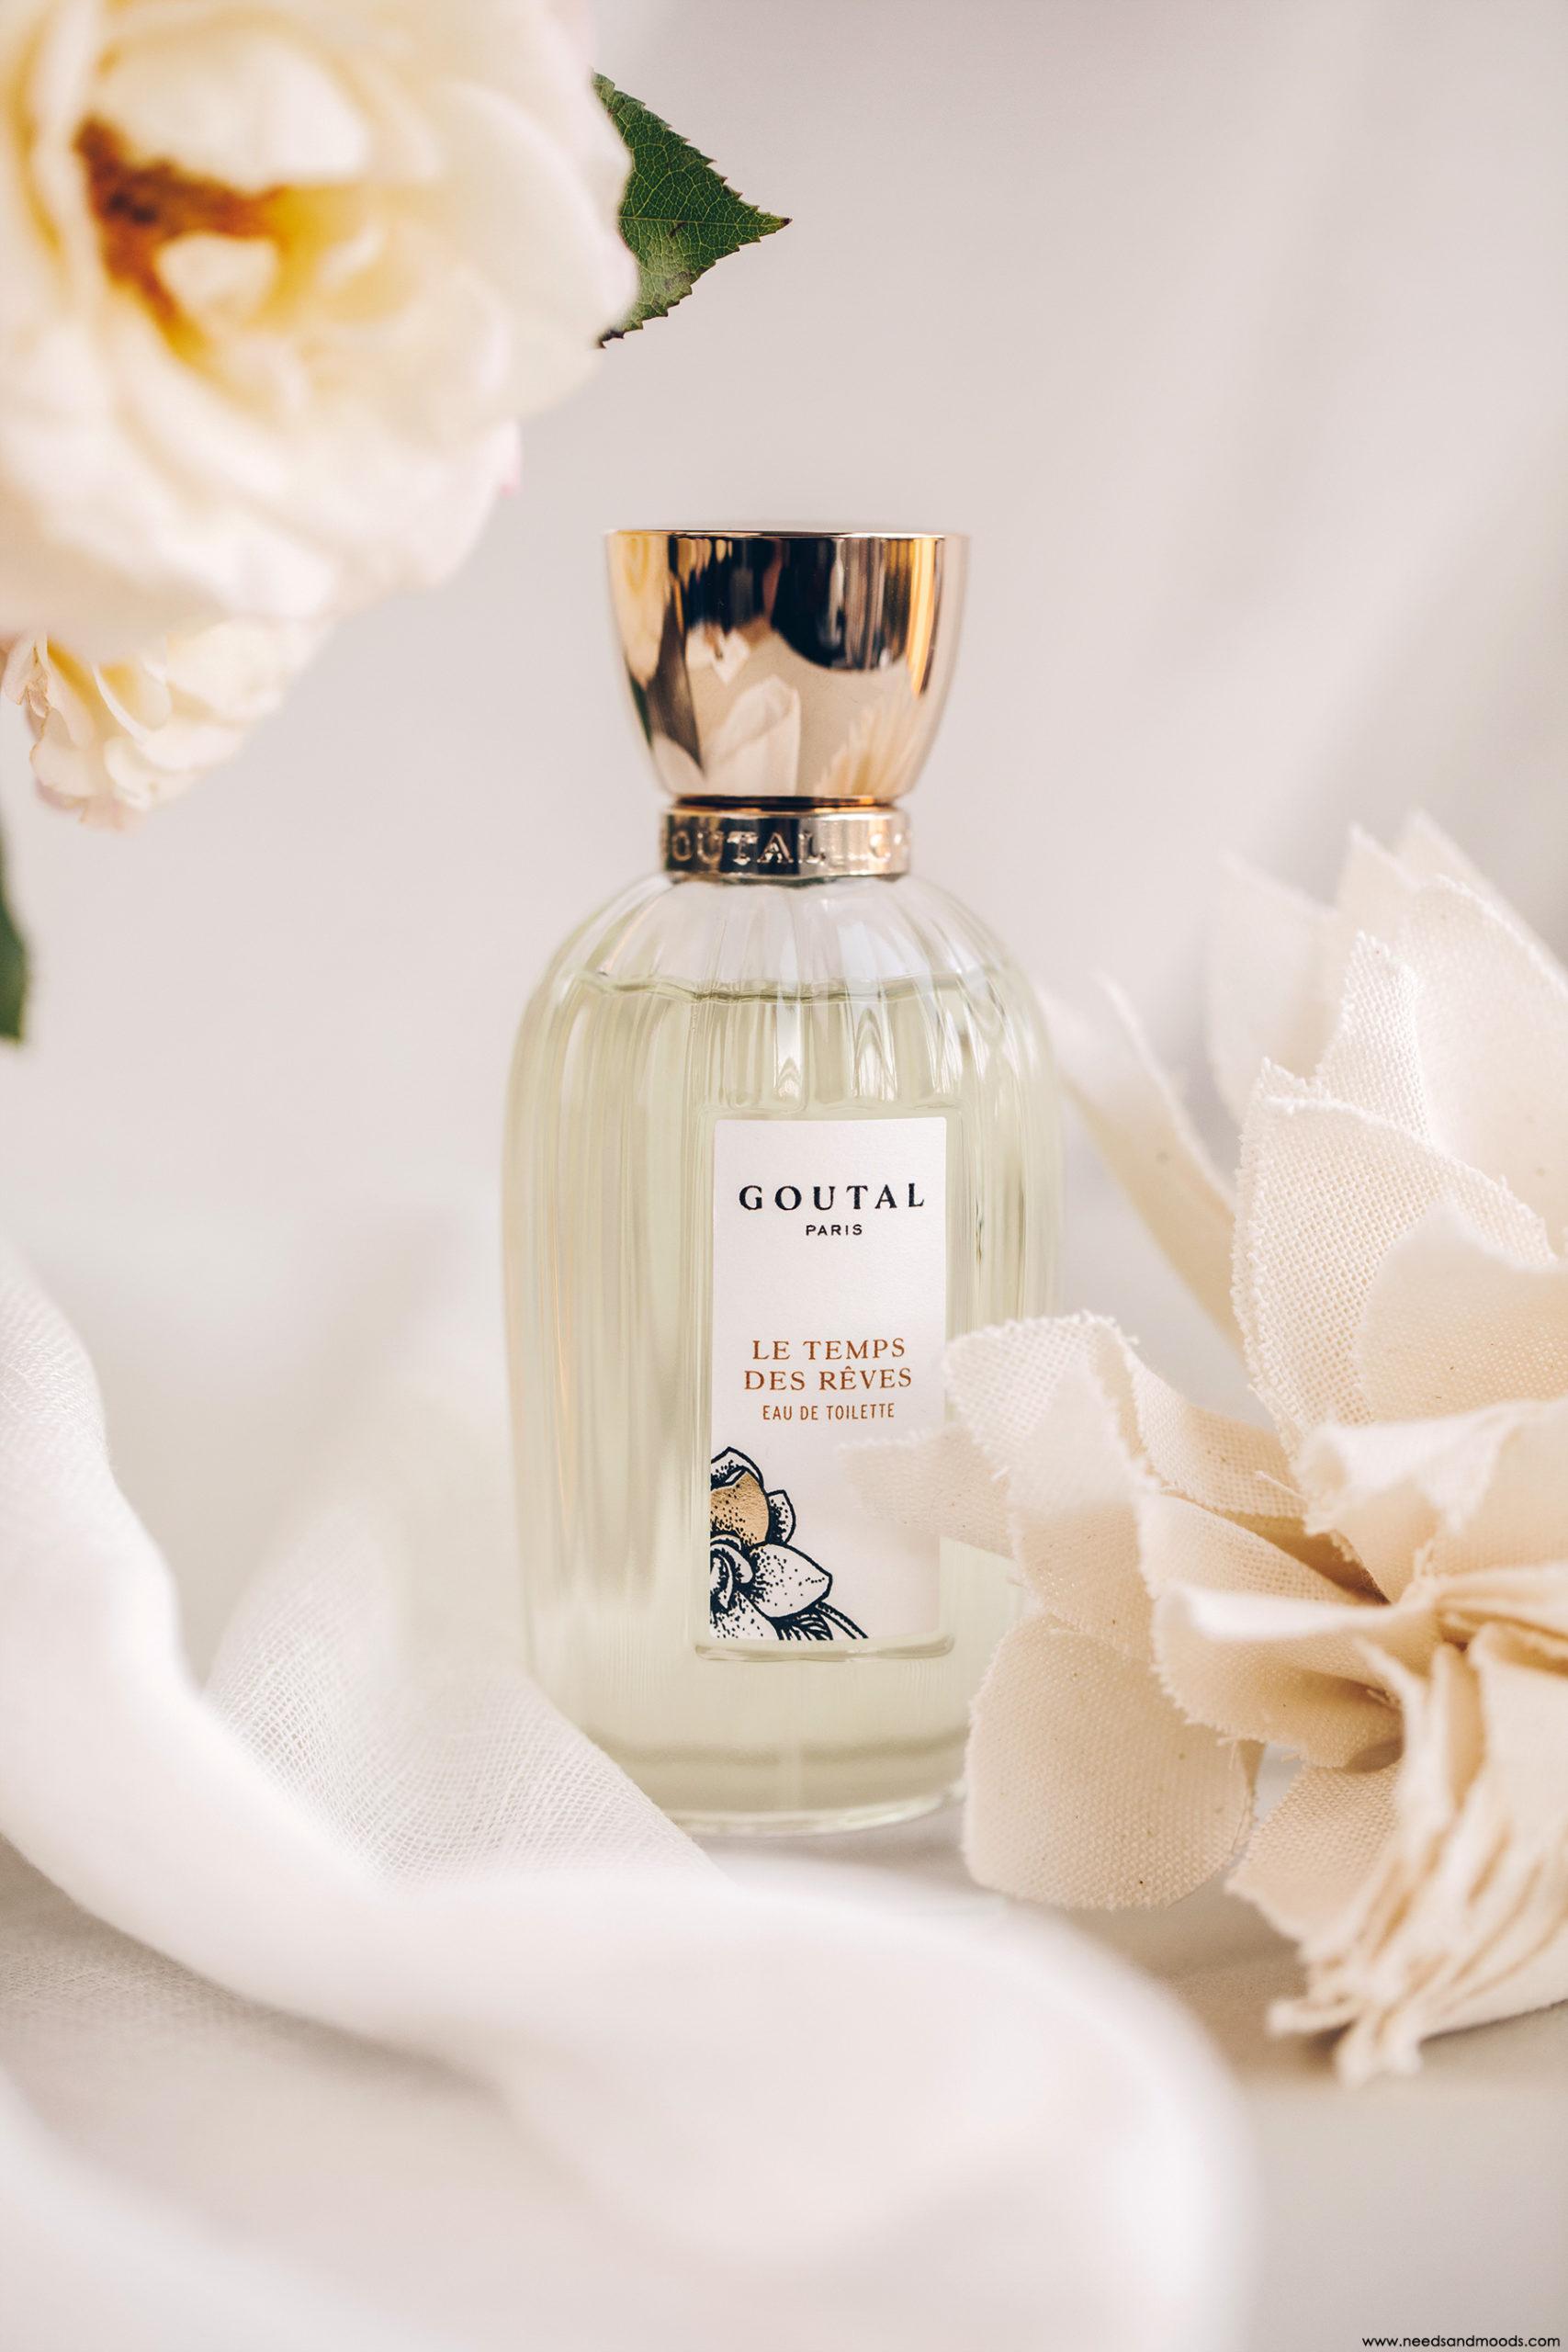 goutal le temps des reves parfum